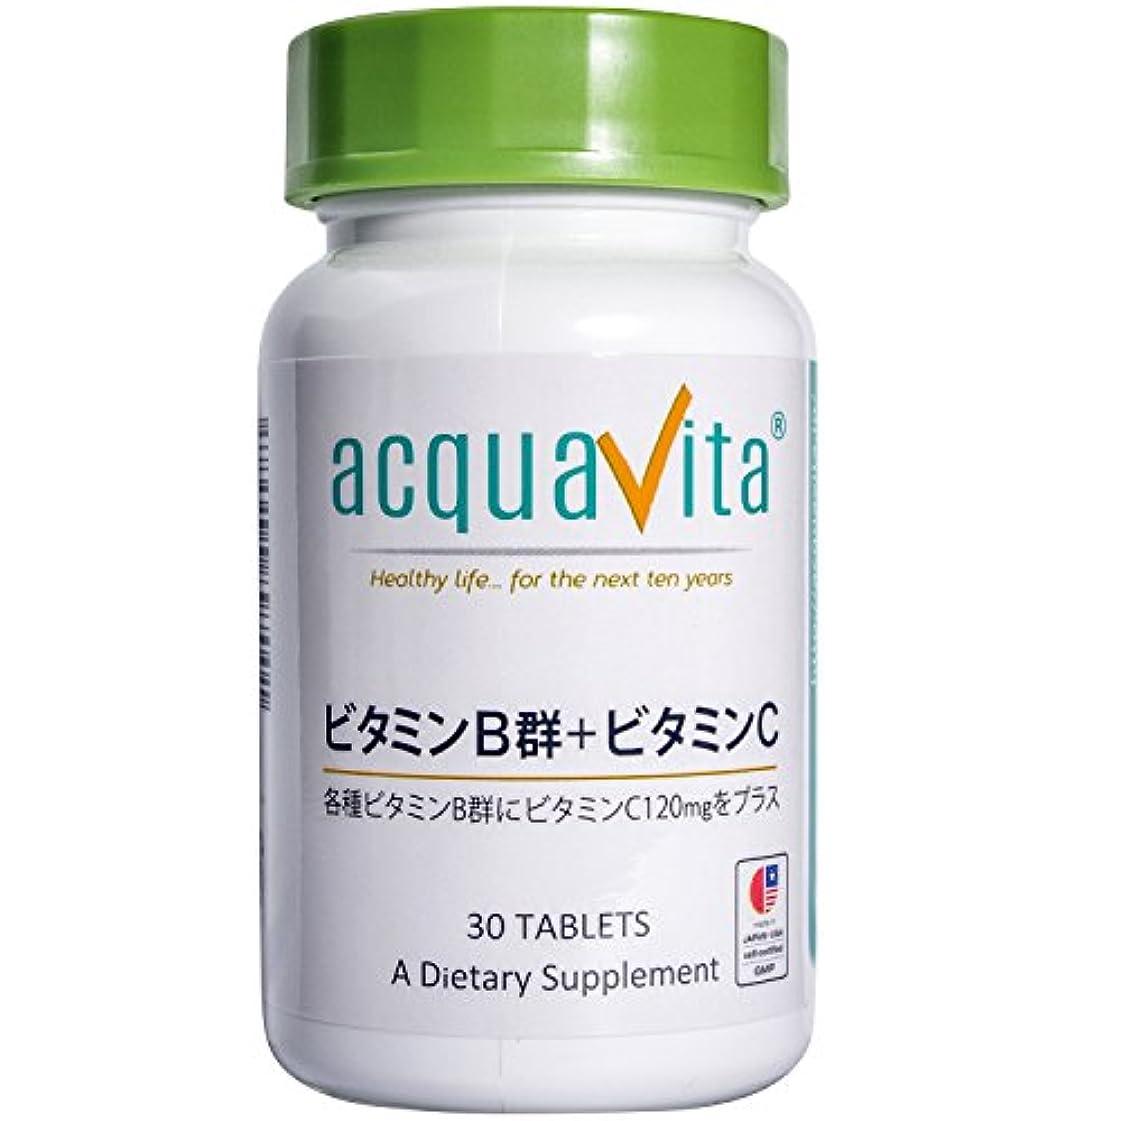 全国考えおもちゃacquavita(アクアヴィータ)  ビタミンB群+ビタミンC 30粒